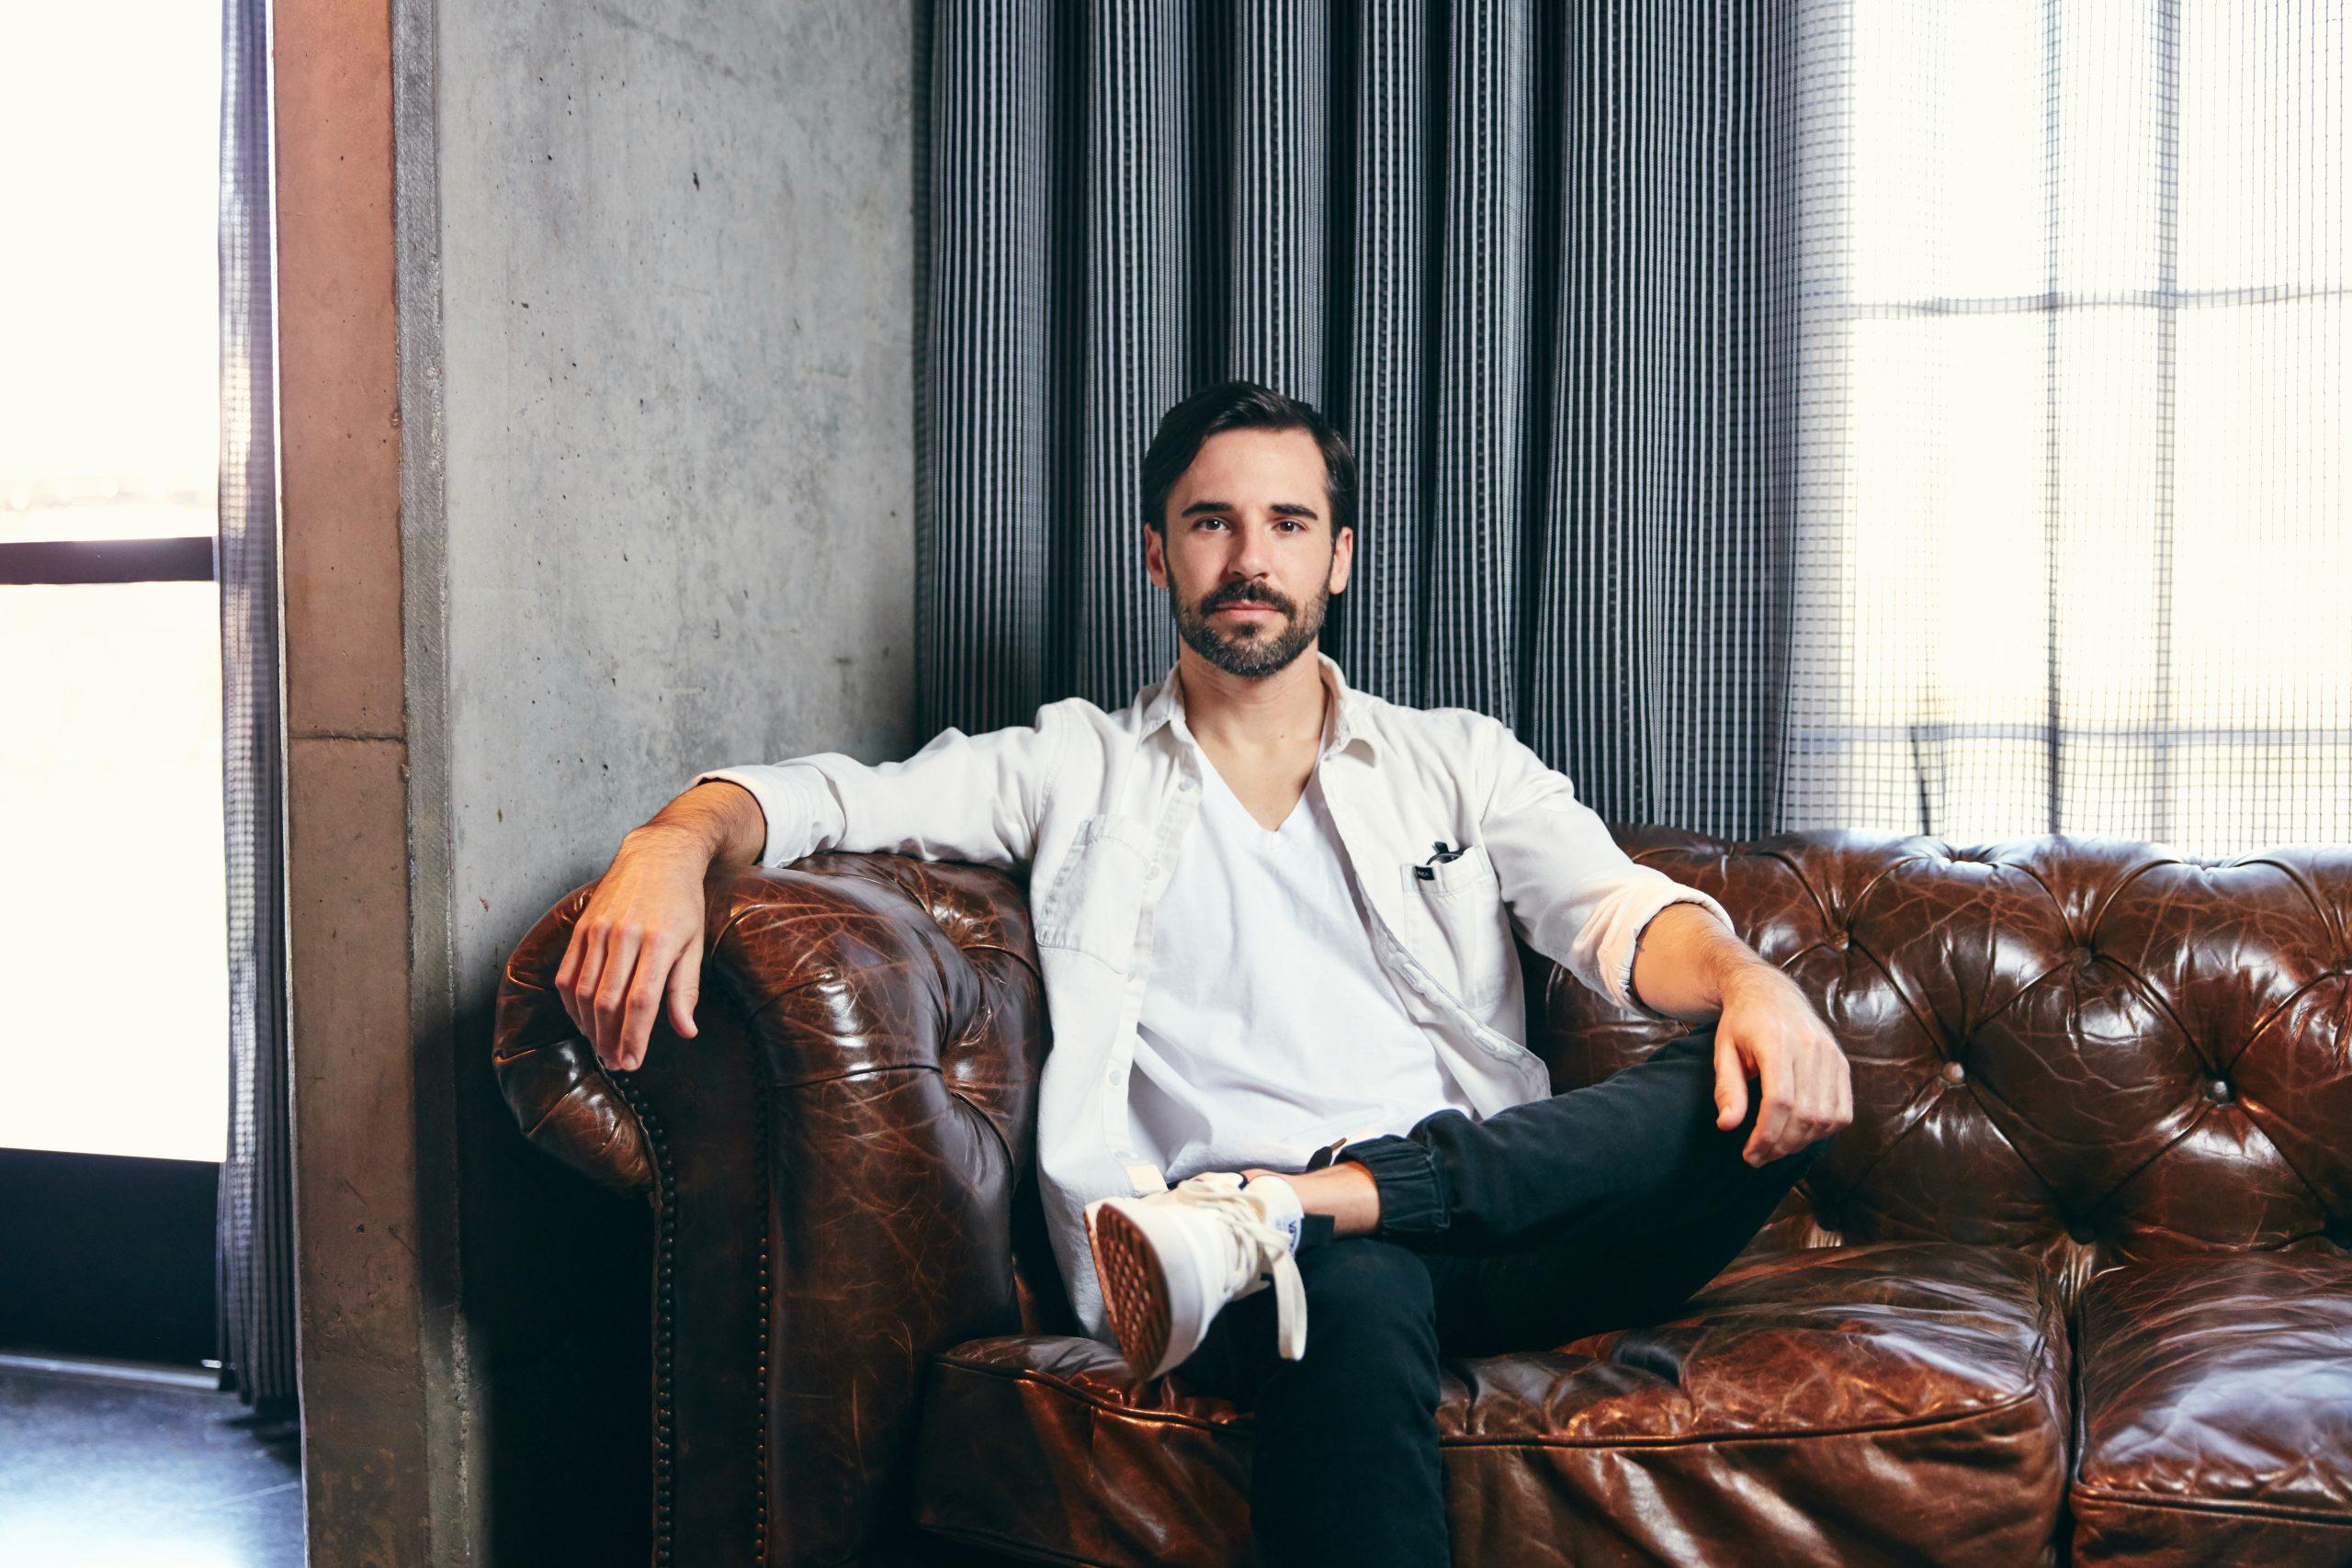 Ryan Sumner at Emerson Human Capital Dallas